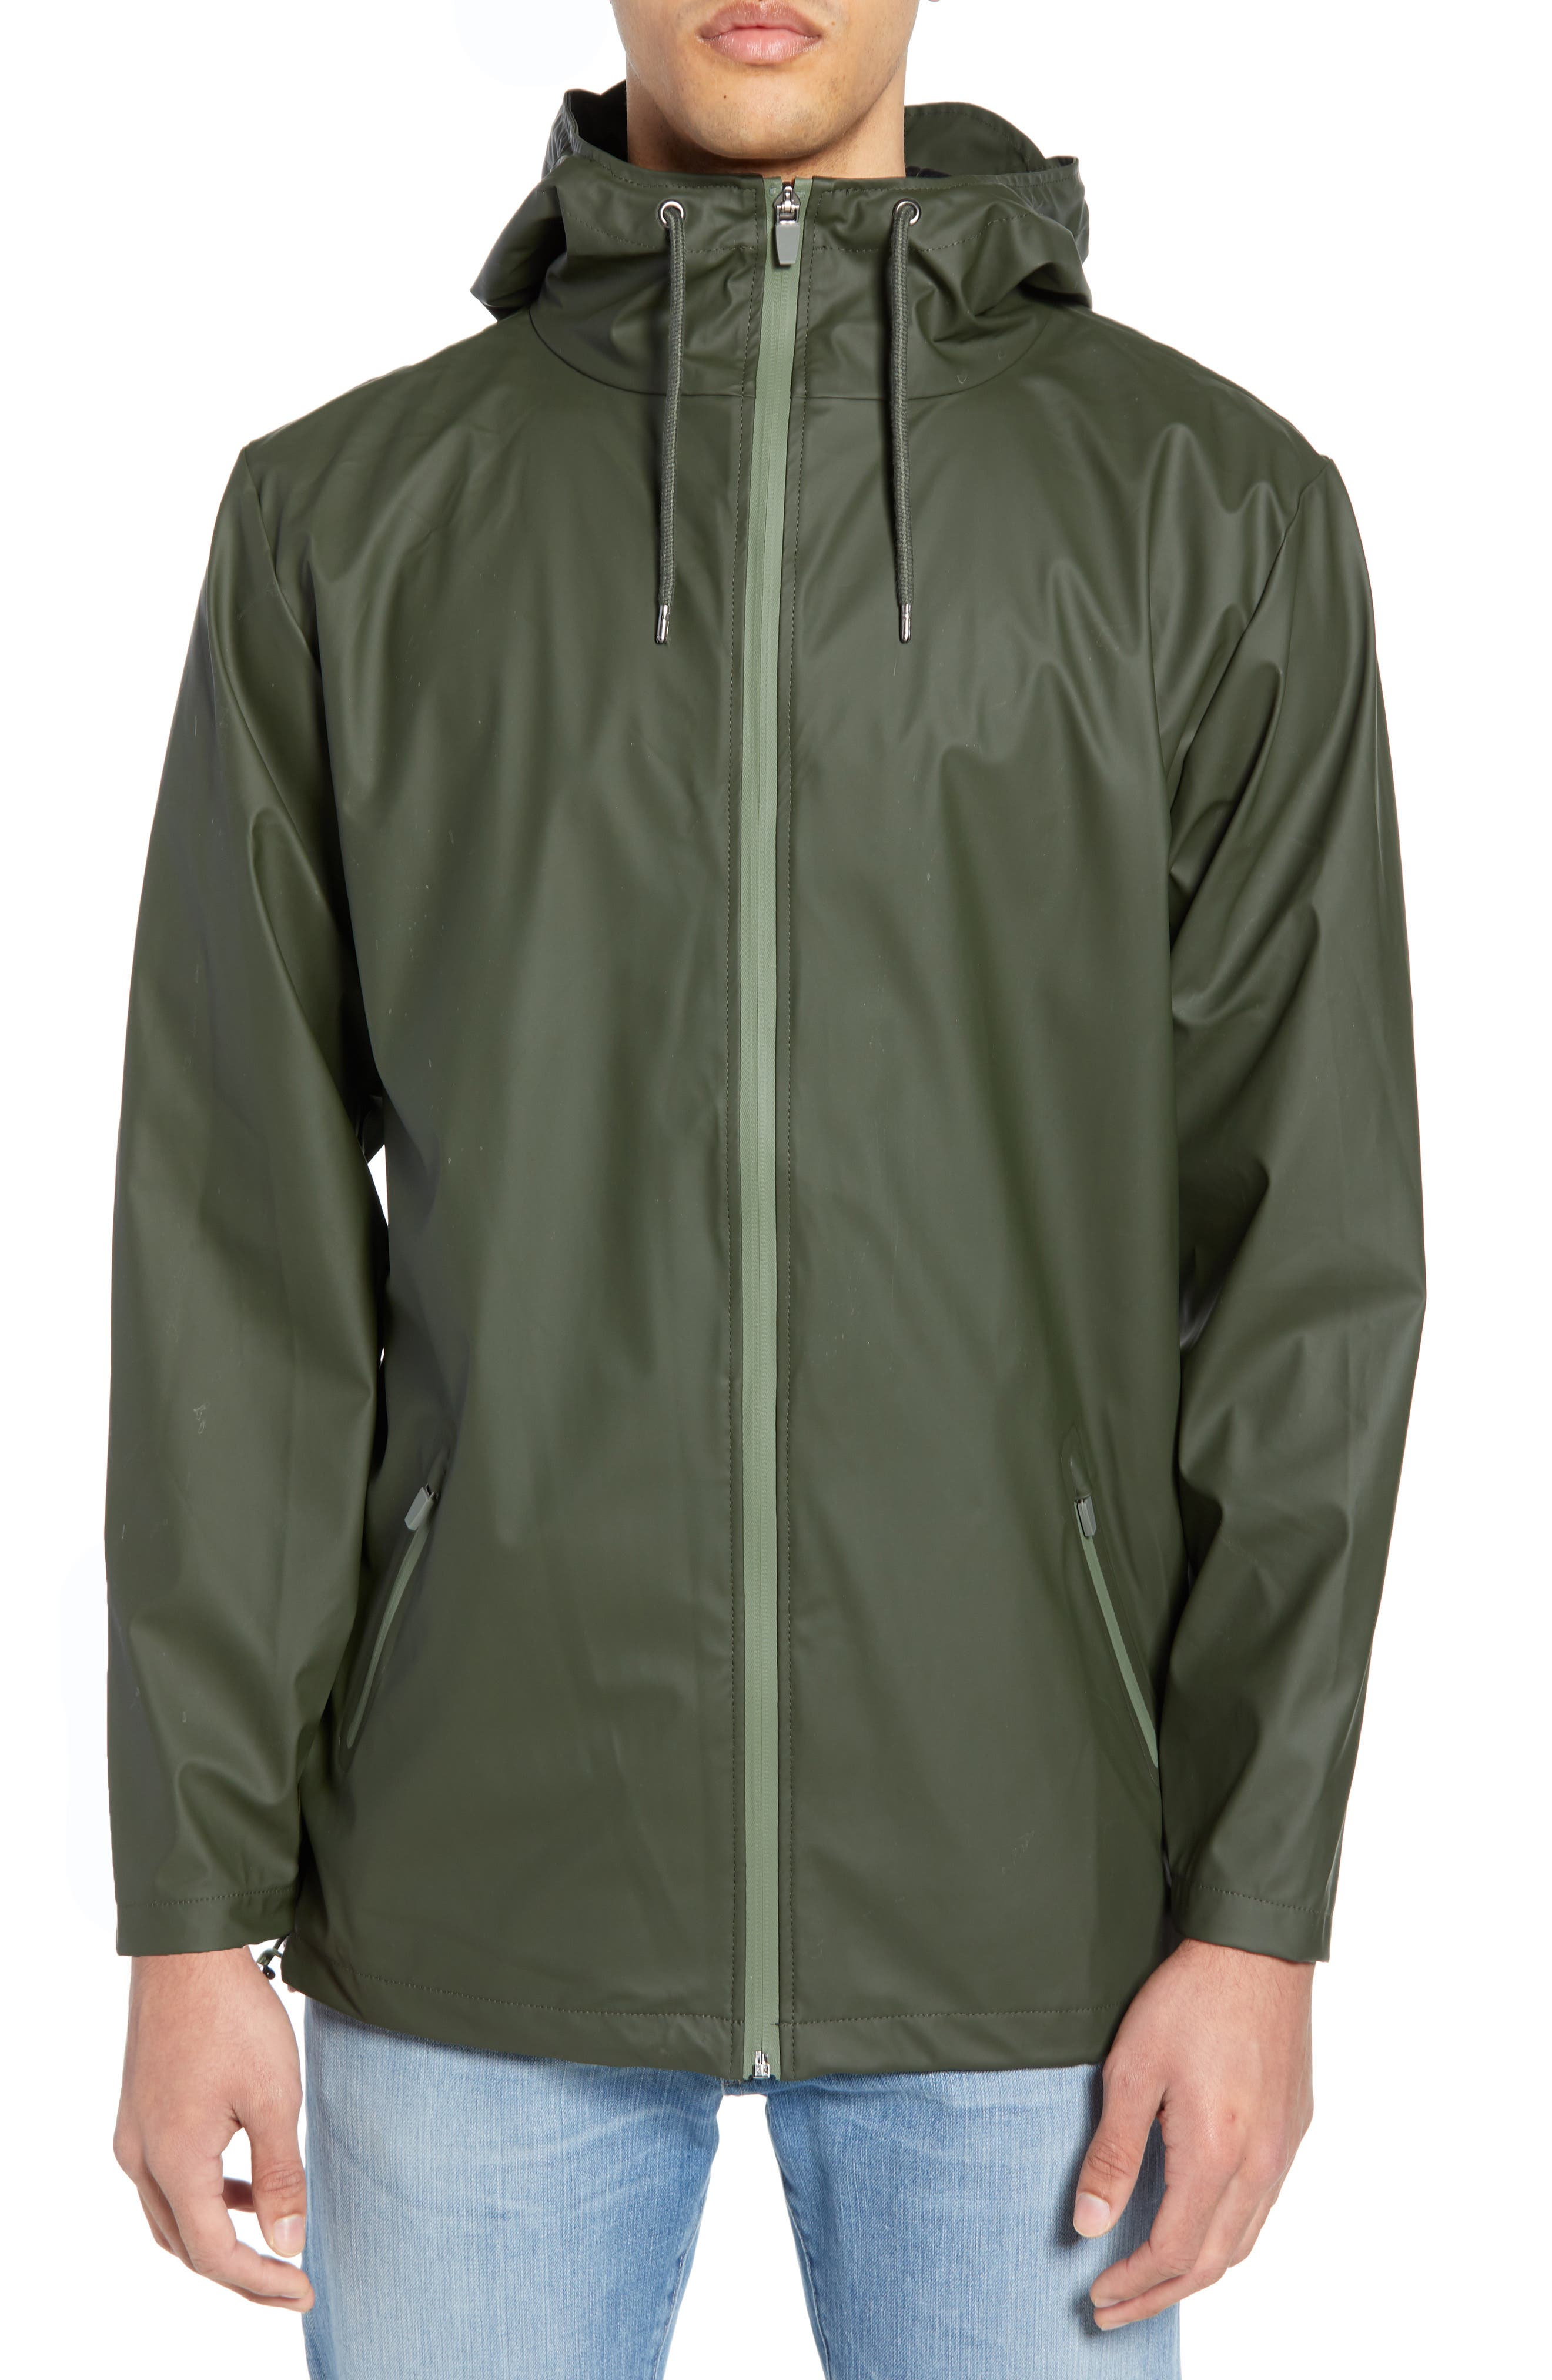 Rains Breaker Water Resistant Jacket, Green